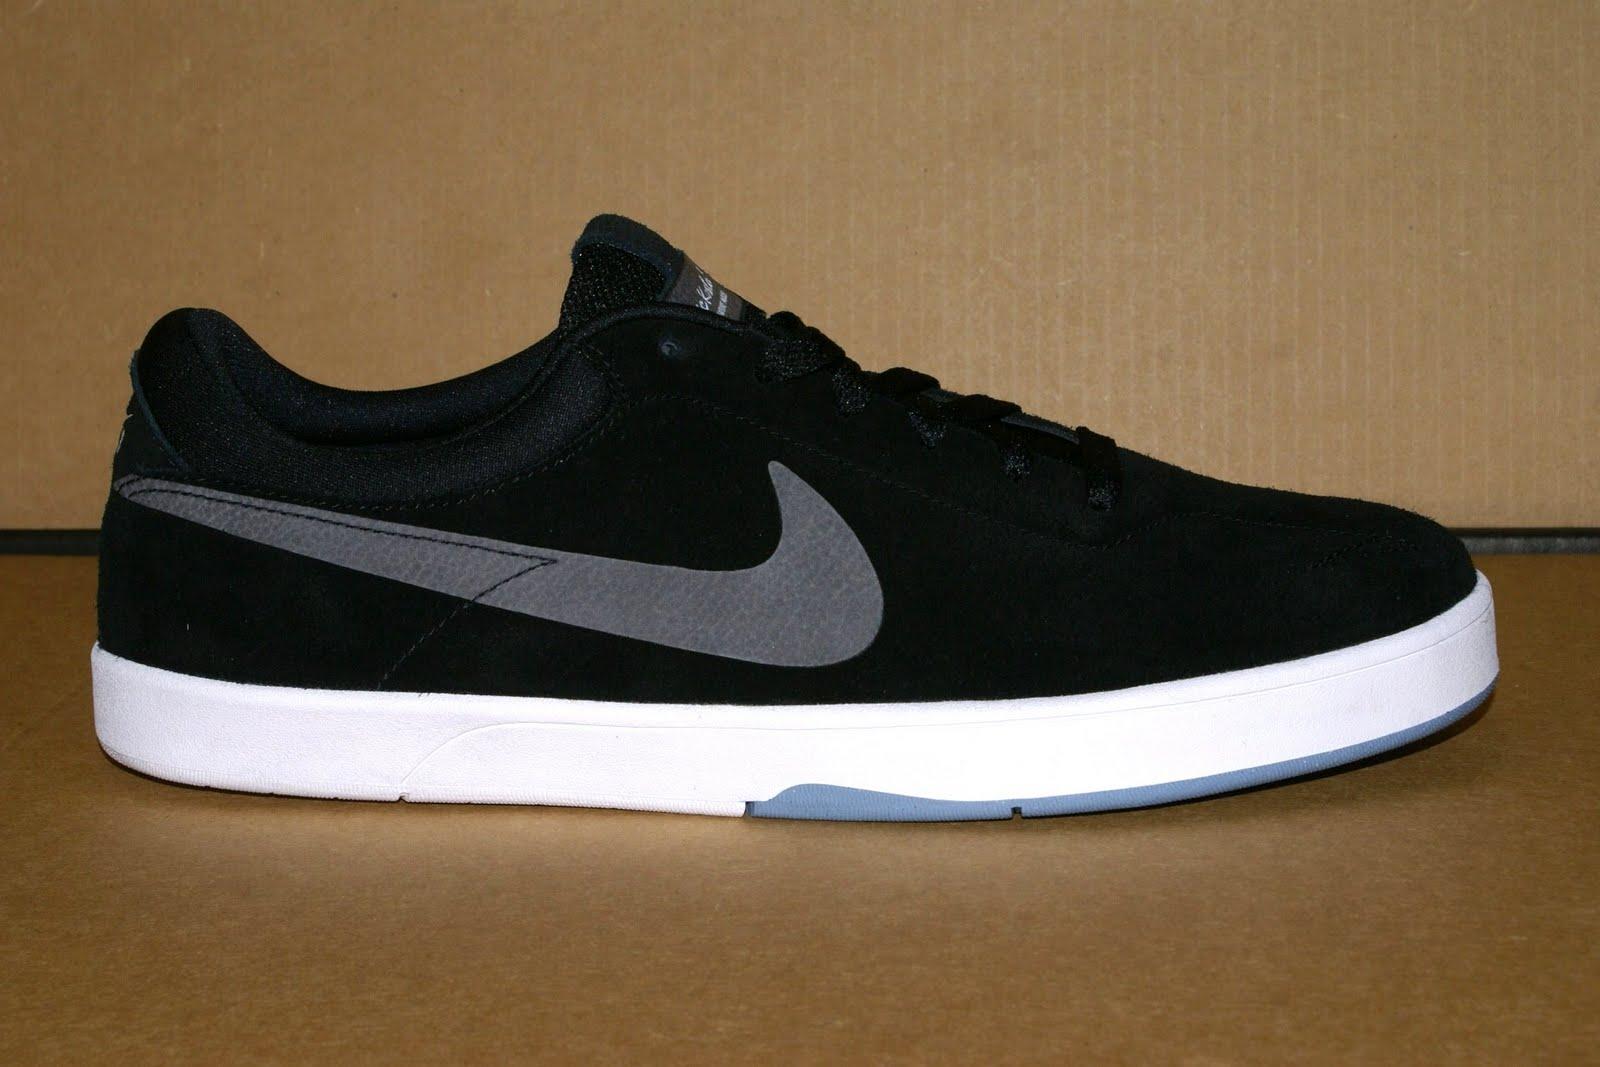 oferta muy bonito calidad primero Blindside of Layton: Nike SB Eric Koston Shoe (Black/Dark Grey ...